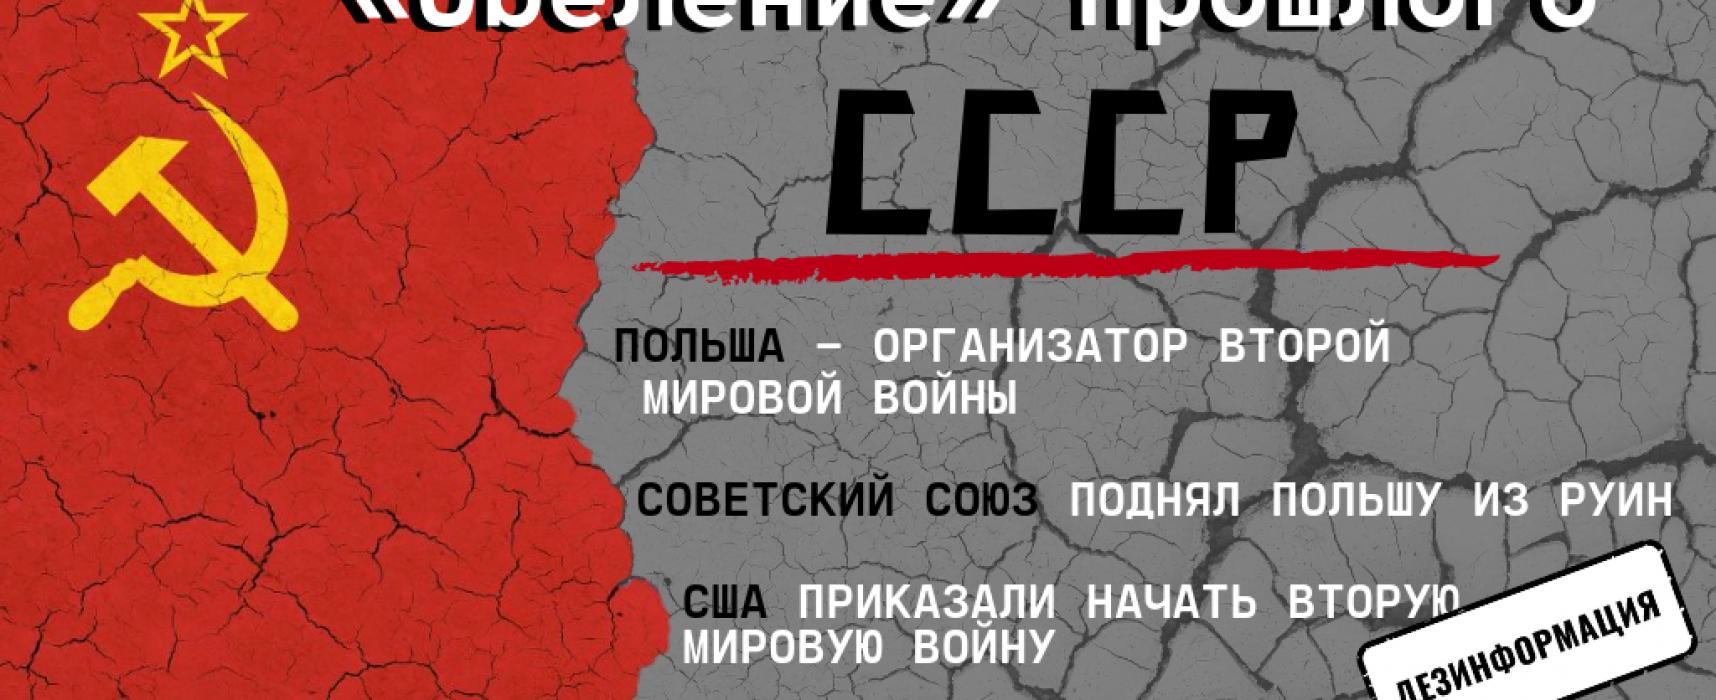 Кремль «виявив», що Польща розпочала Другу світову війну